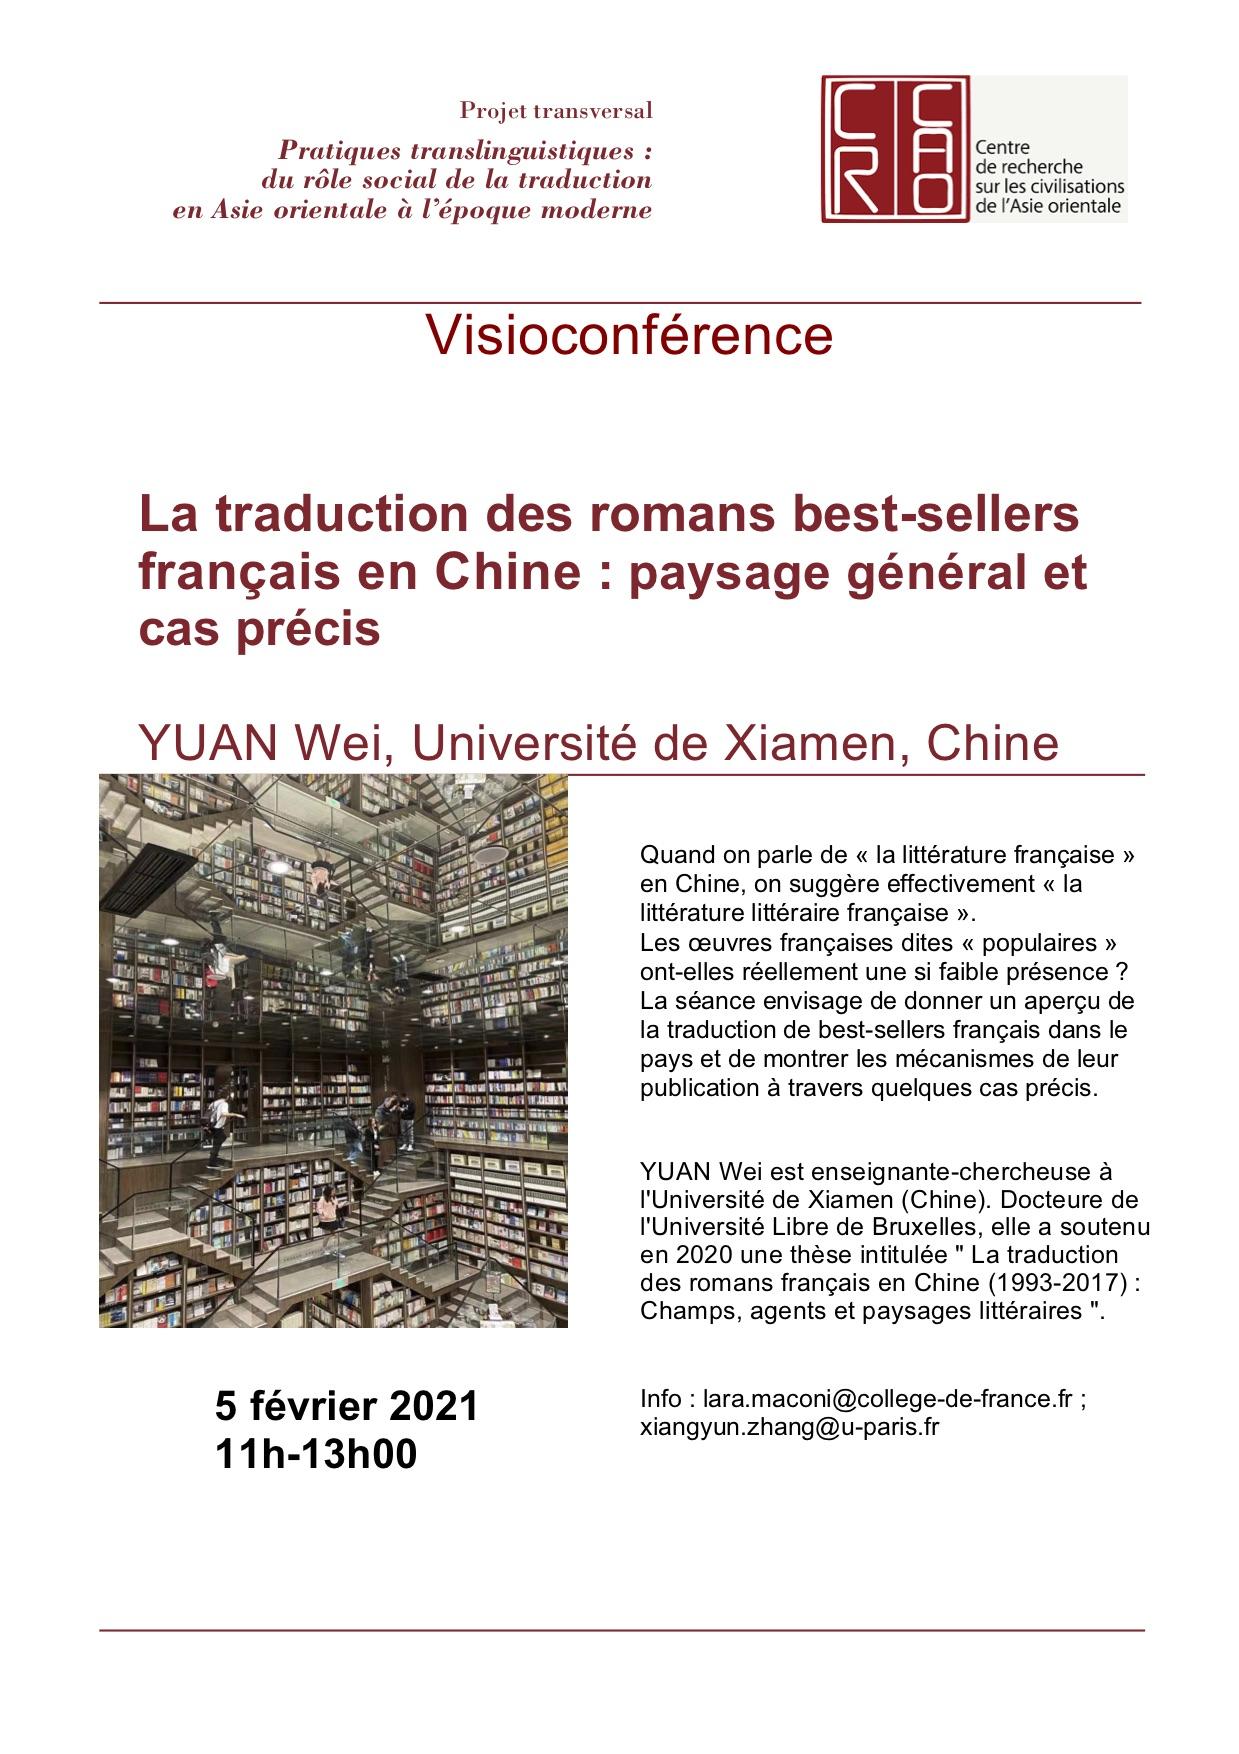 La traduction des romans best-sellers français en Chine, paysage général et cas précis : une visioconférence de YUAN Wei le 5 février